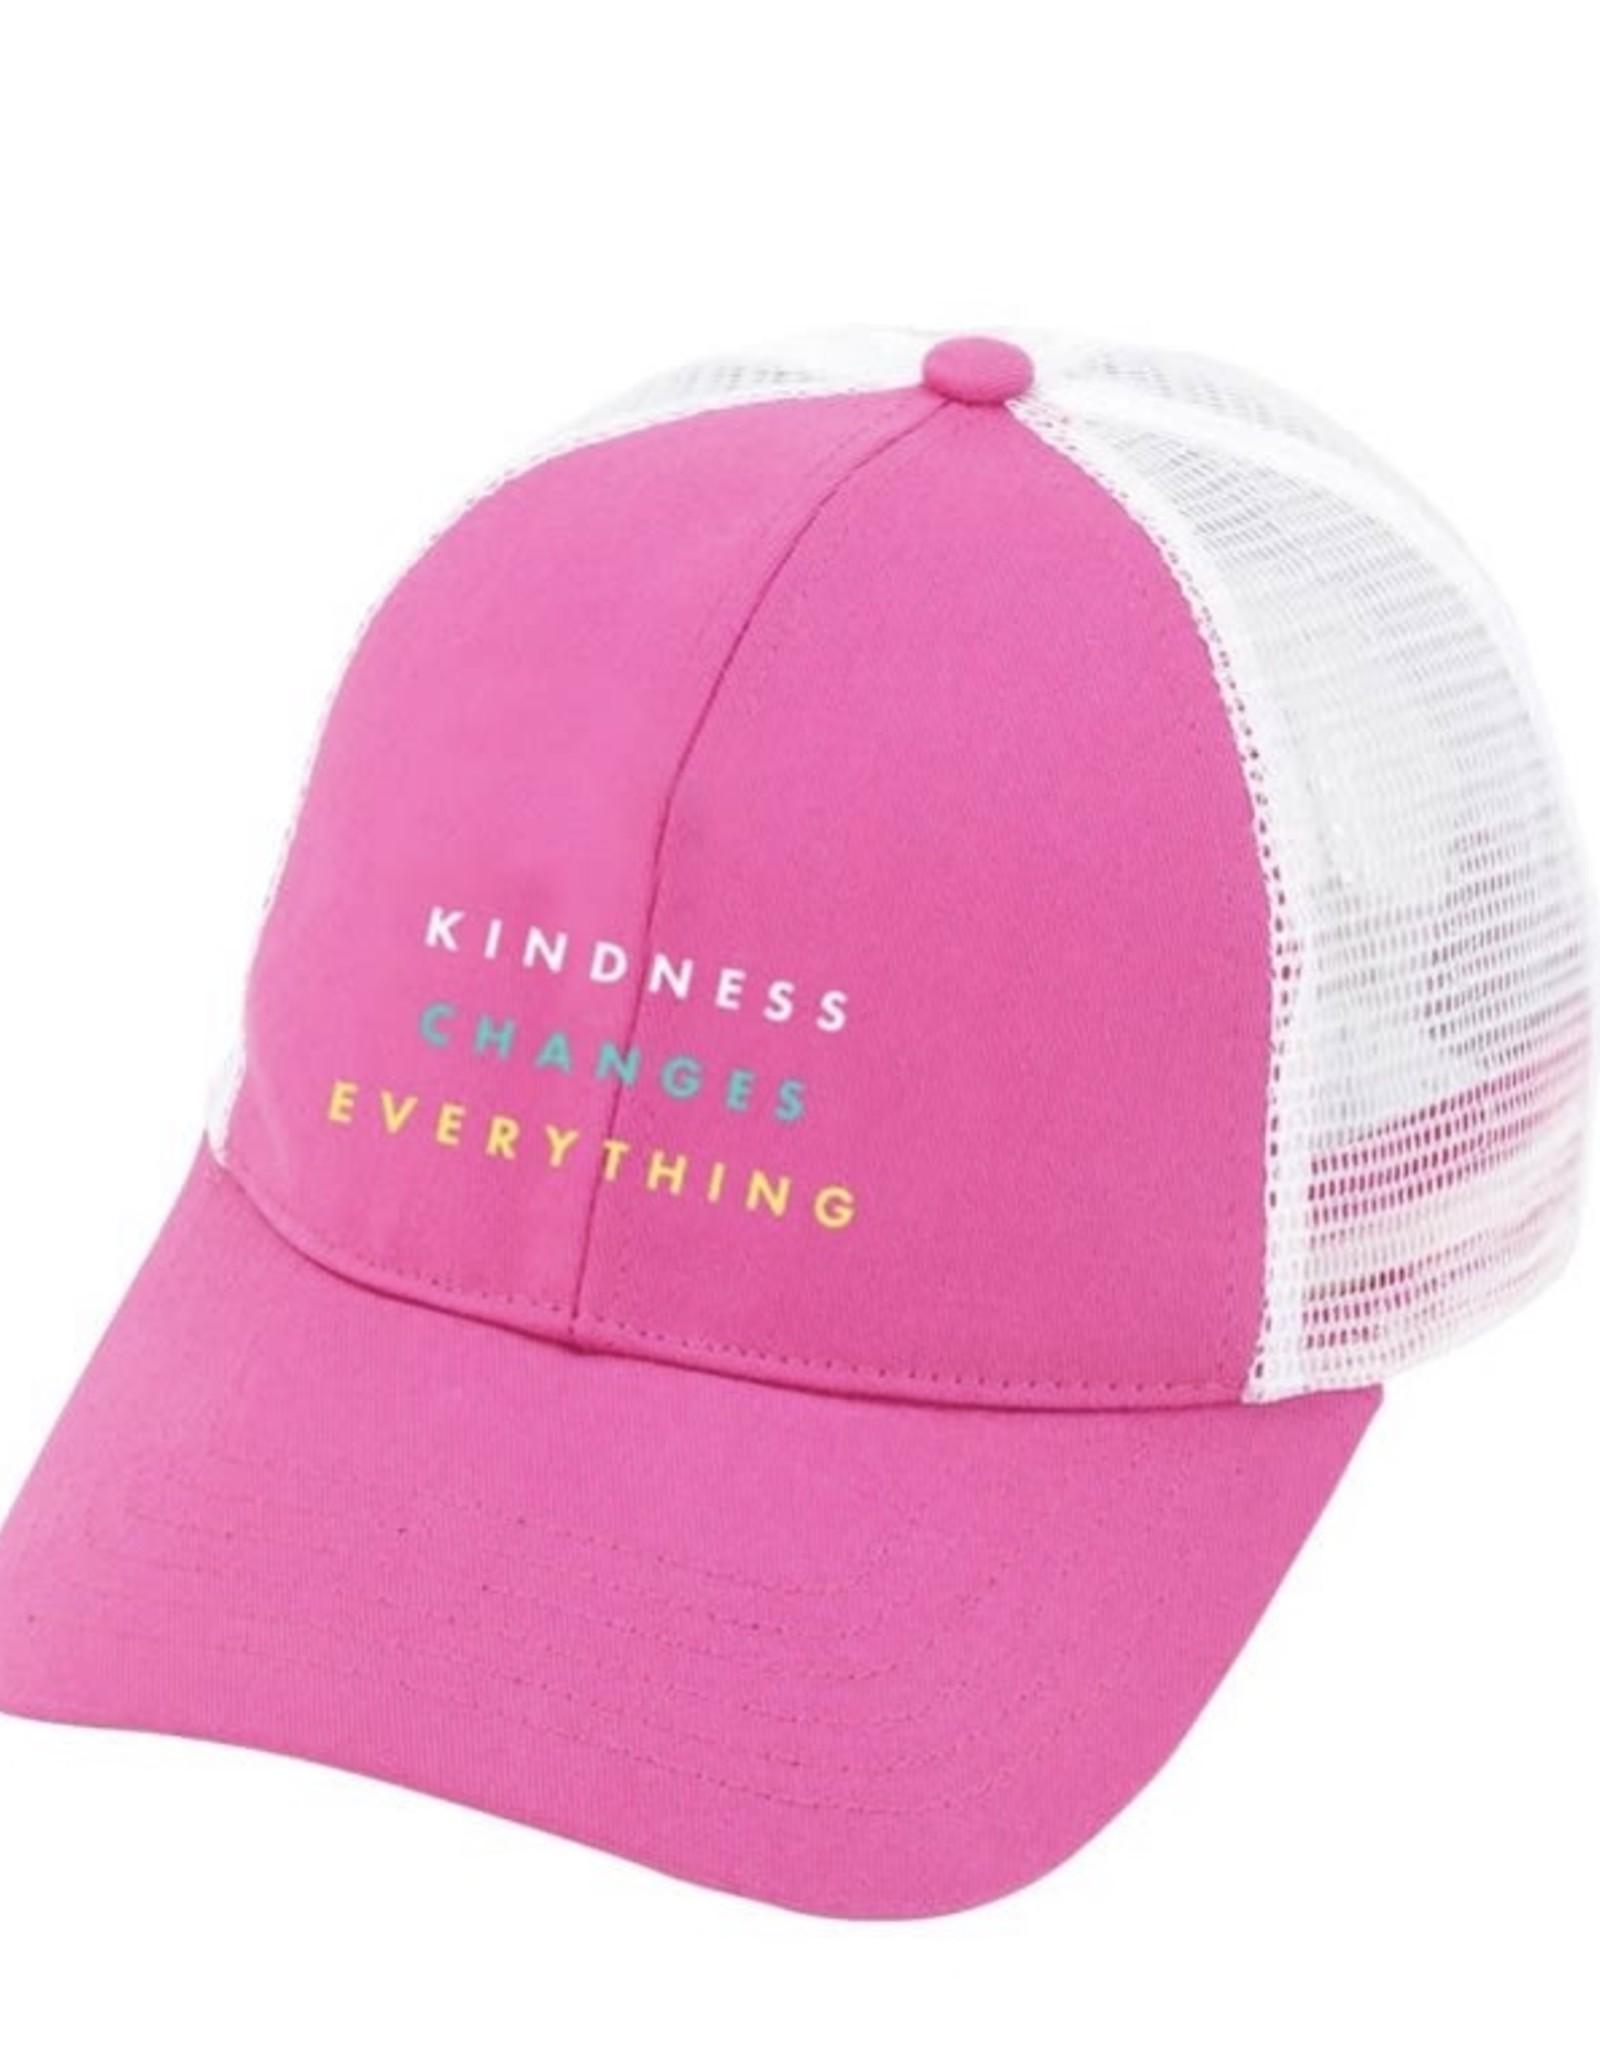 Viv&Lou Kindness changes cap